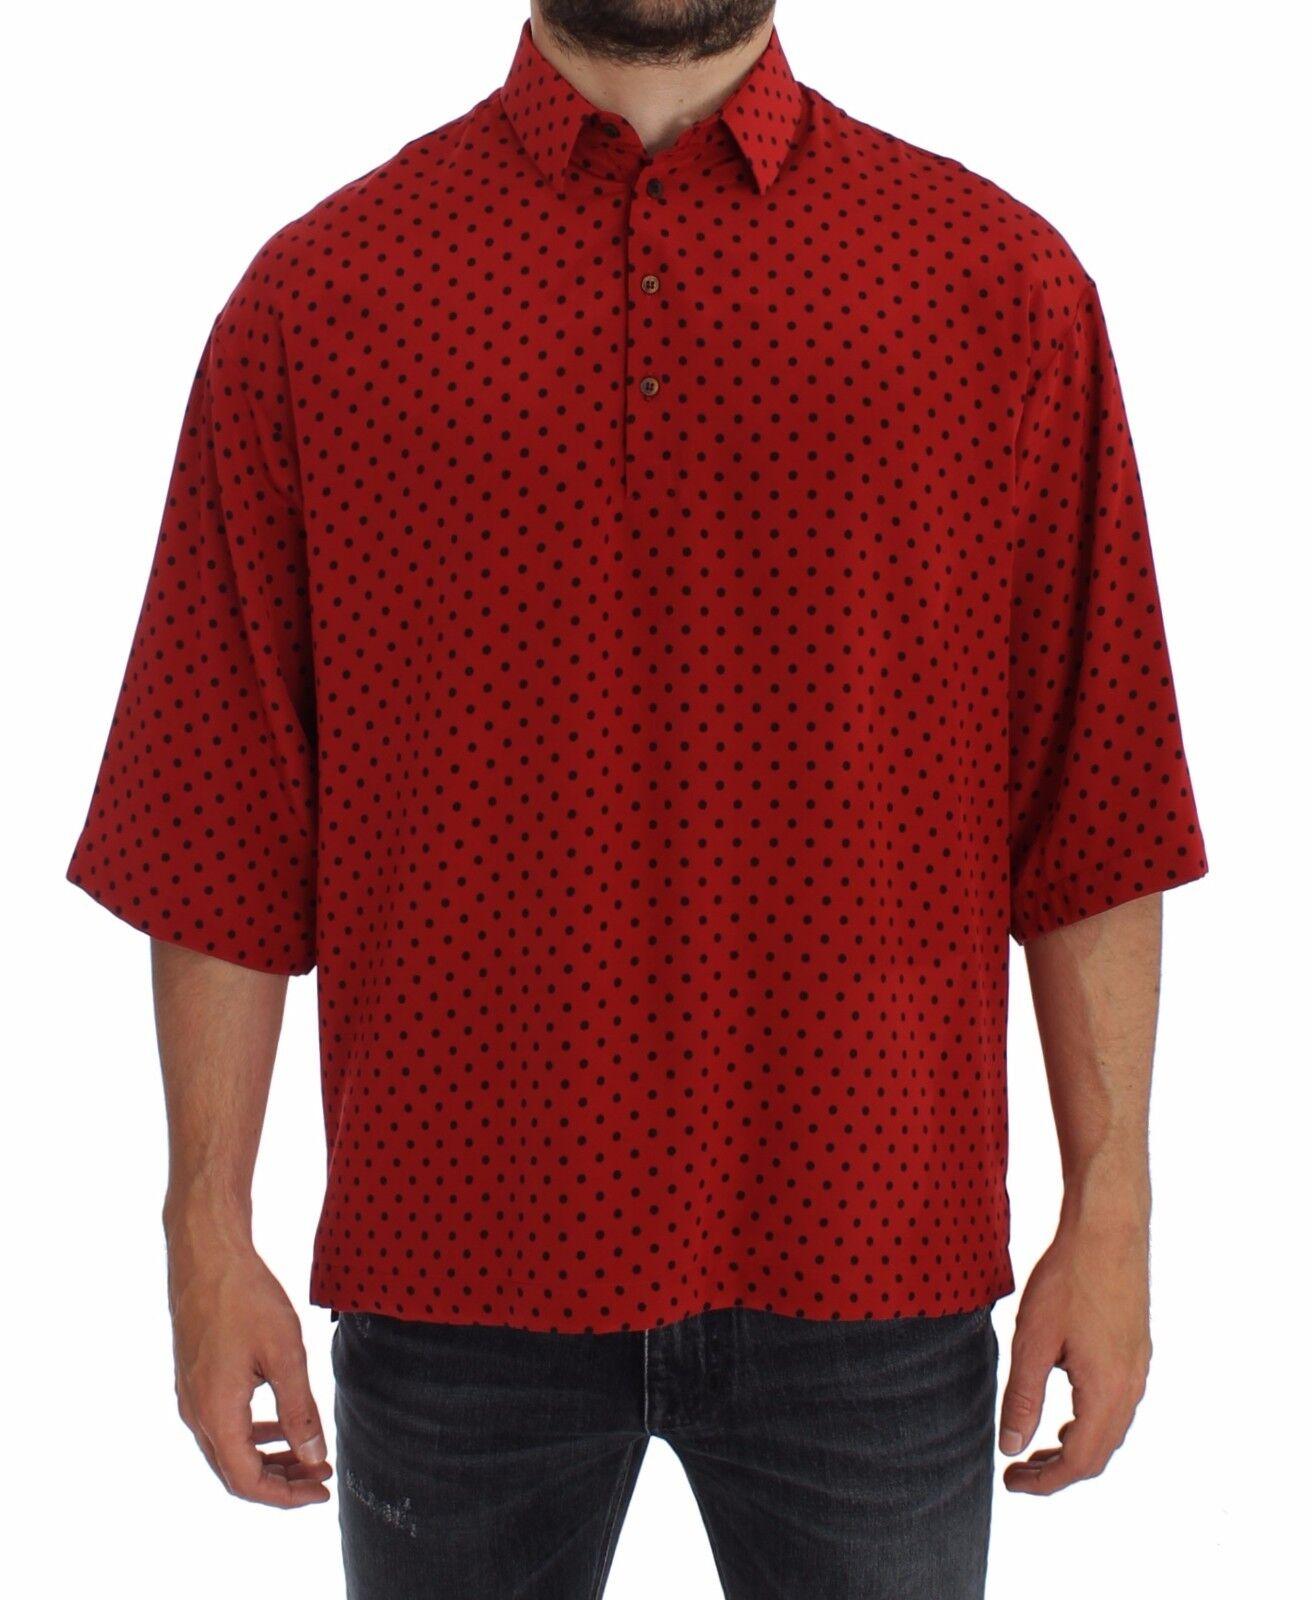 Nuova con Etichetta Dolce & Gabbana Rosso Nero a Pois Seta Polo T-Shirt Maglia